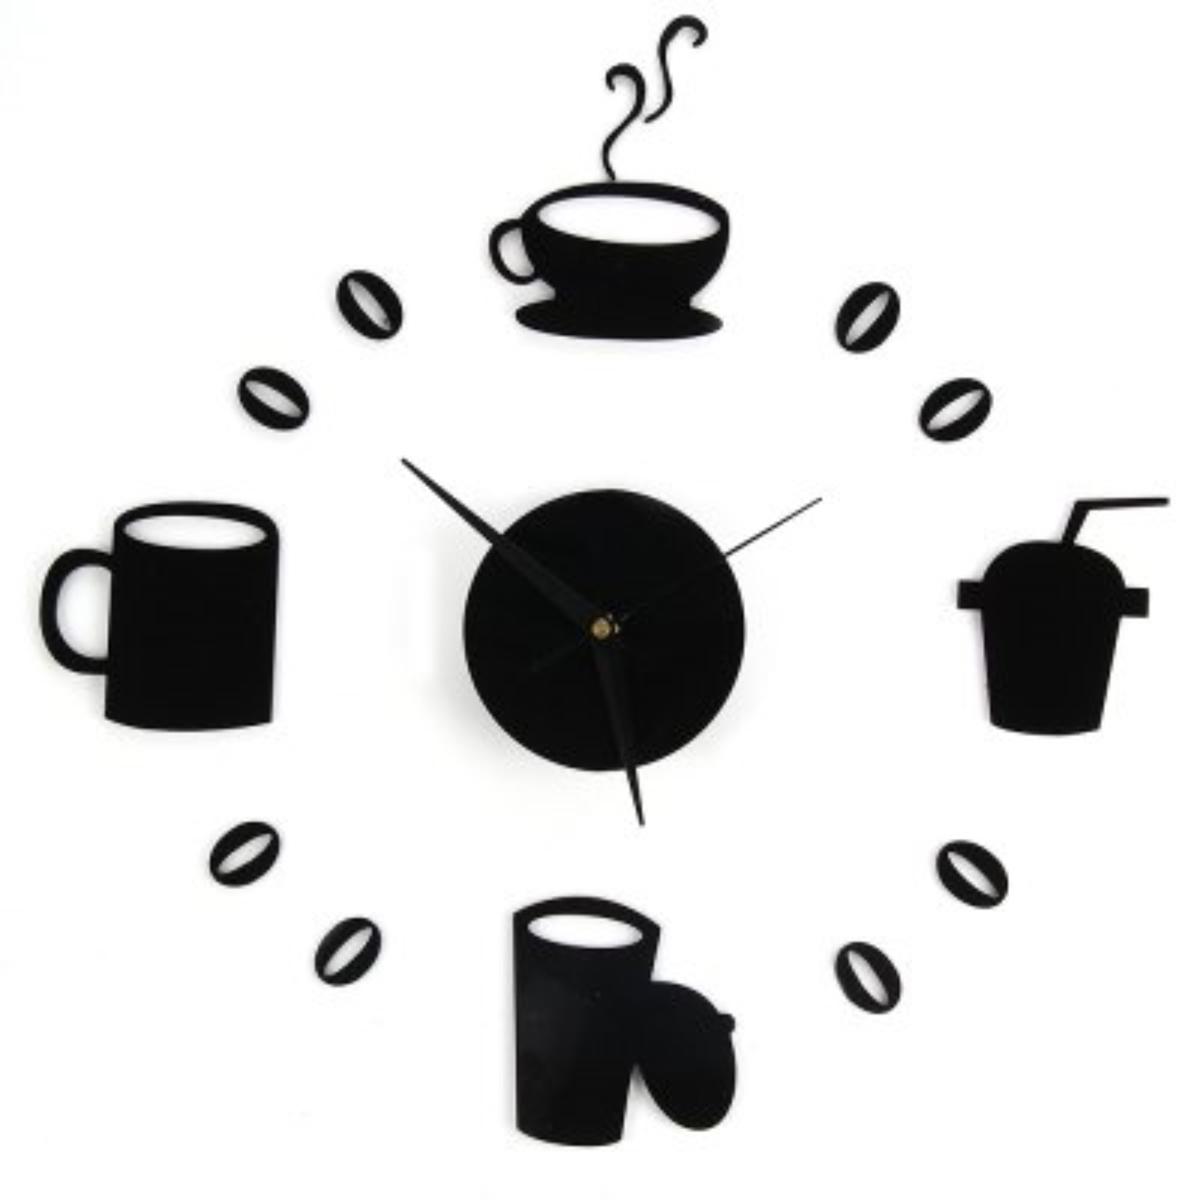 Часы-наклейка настенные DIY Время для перерыва, 65 см2768034Каждому хозяину периодически приходит мысль обновить свою квартиру, сделать ремонт, перестановку или кардинально поменять внешний вид каждой комнаты. Часы-наклейка DIY Время для перерыва, черные, 65см — привлекательная деталь, которая поможет воплотить вашу интерьерную идею, создать неповторимую атмосферу в вашем доме. Окружите себя приятными мелочами, пусть они радуют глаз и дарят гармонию.Часы-наклейка DIY Время для перерыва, черные, 65см 2768034